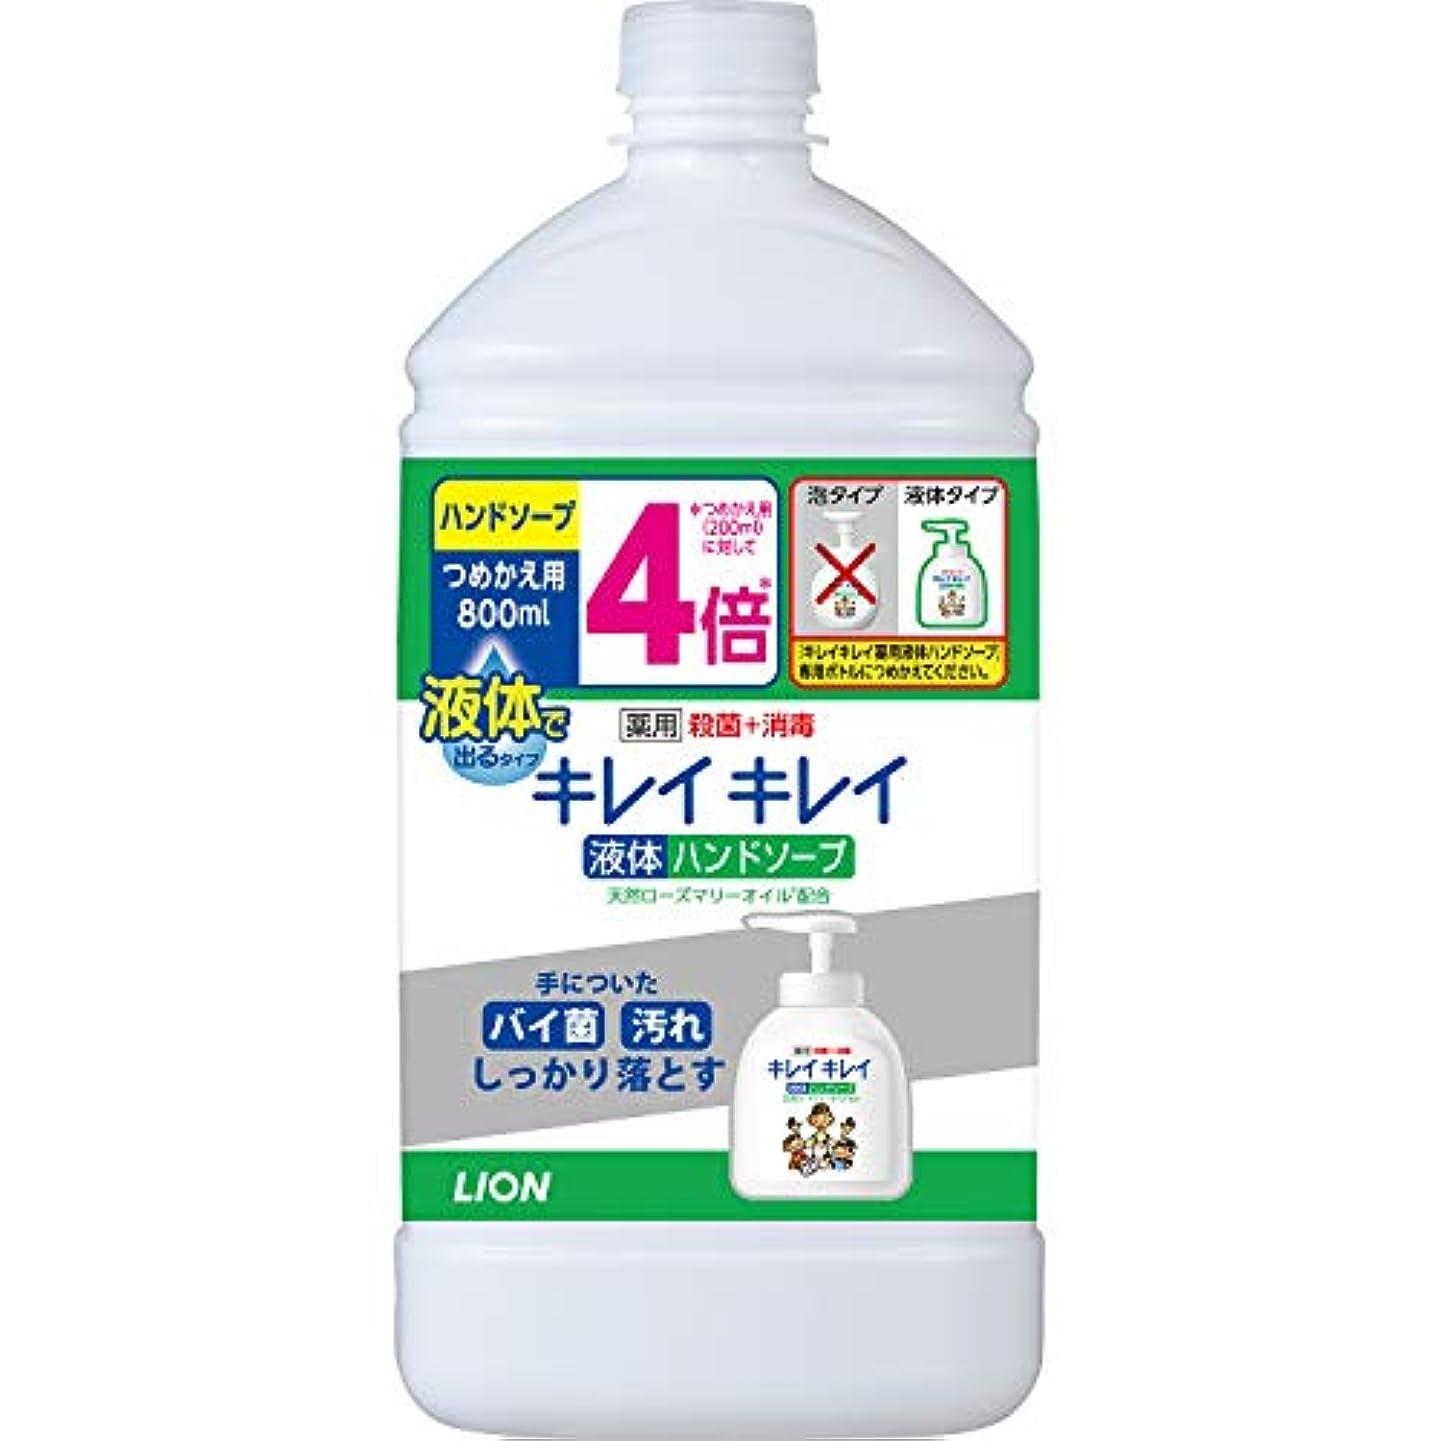 が欲しい法律トレッド(医薬部外品)【大容量】キレイキレイ 薬用 液体ハンドソープ 詰替特大 800ml